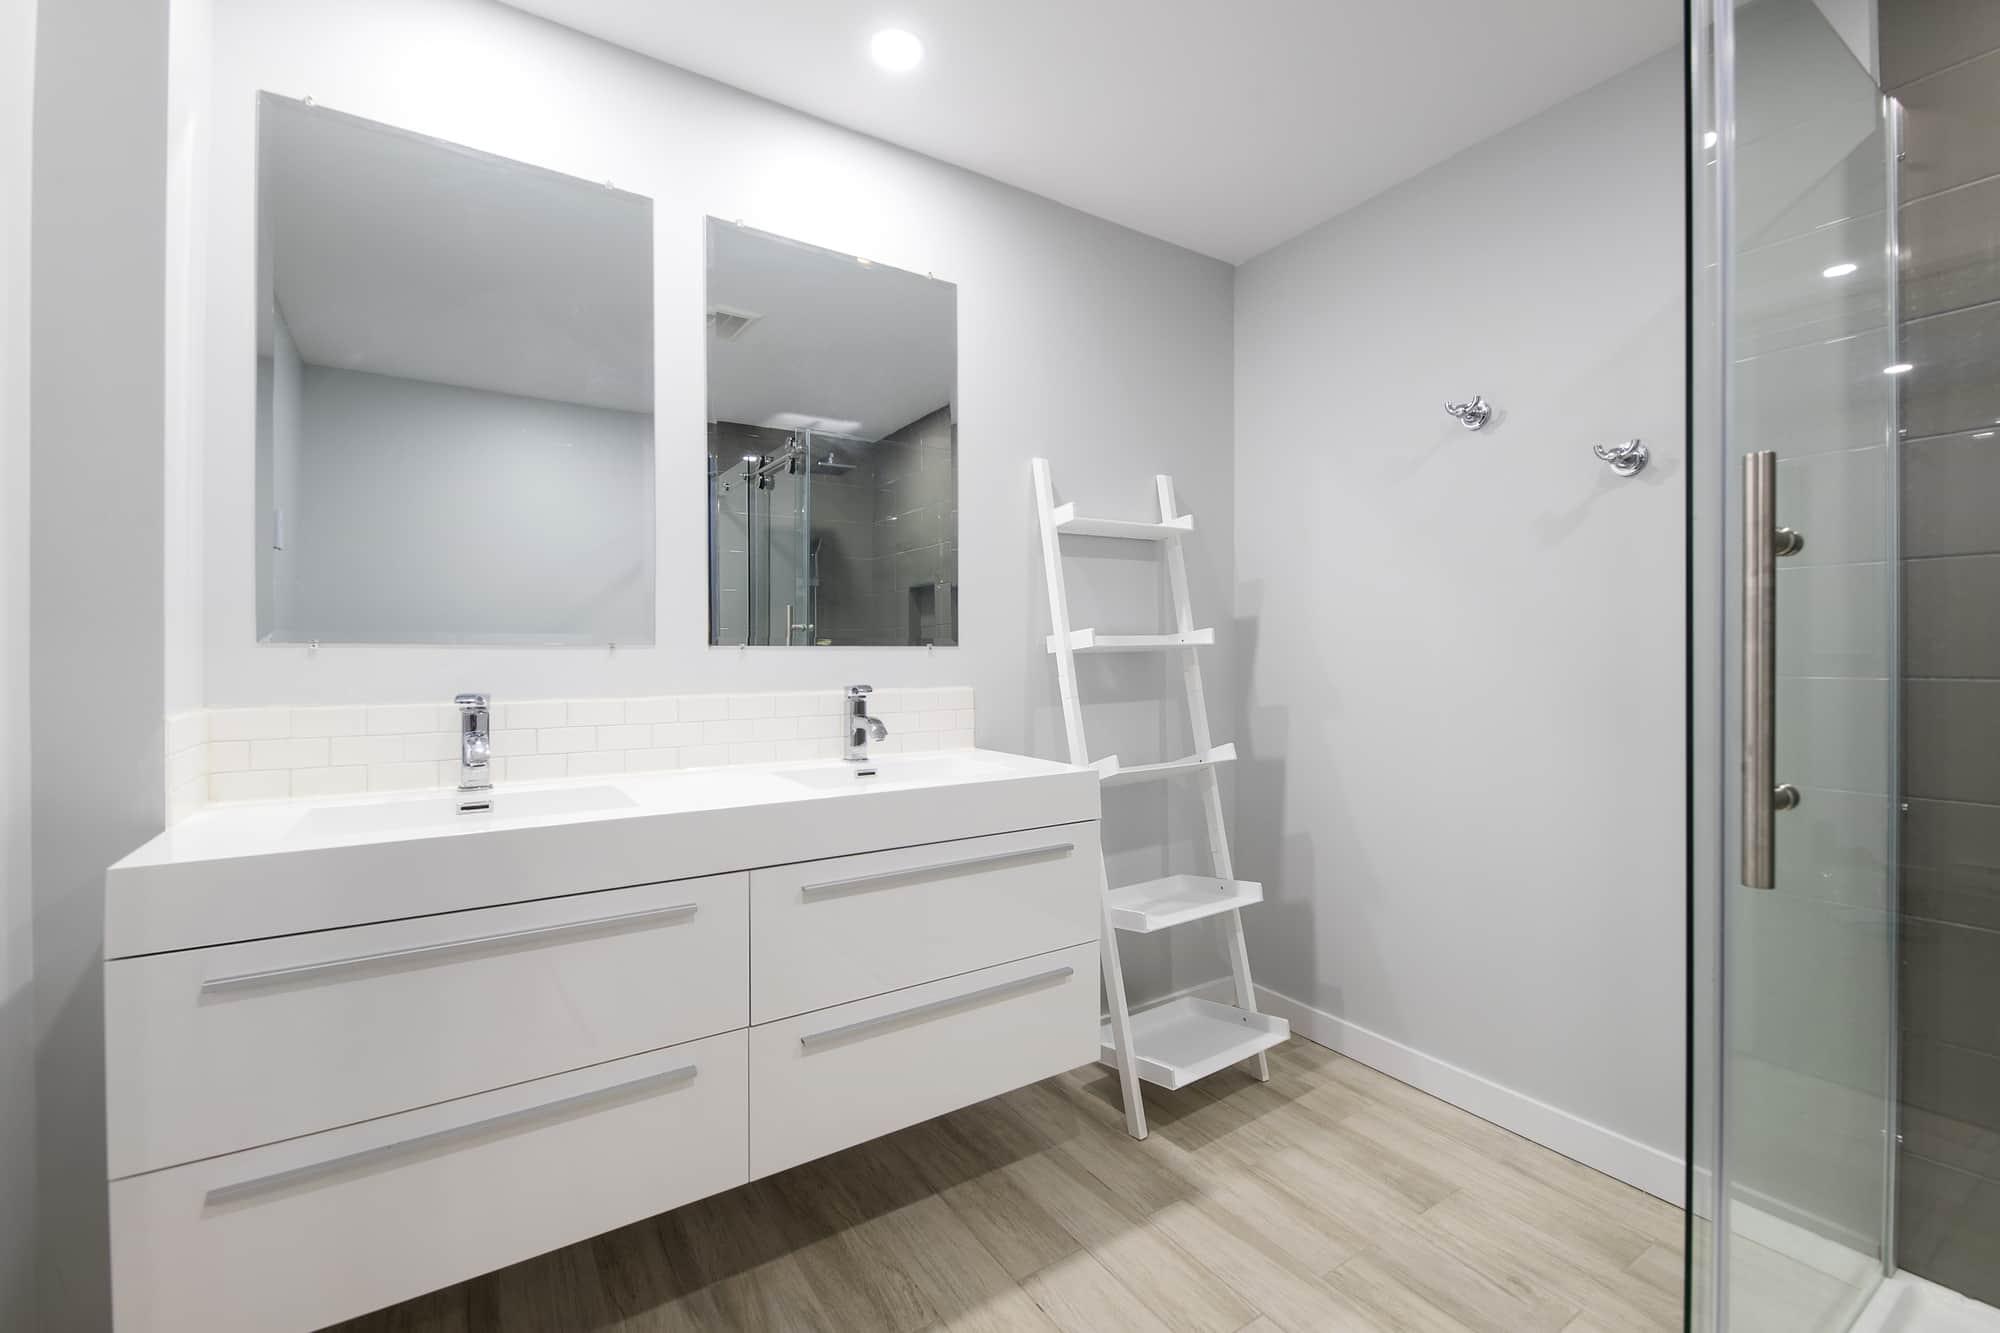 Salle de bain moderne dans un sous-sol rénové